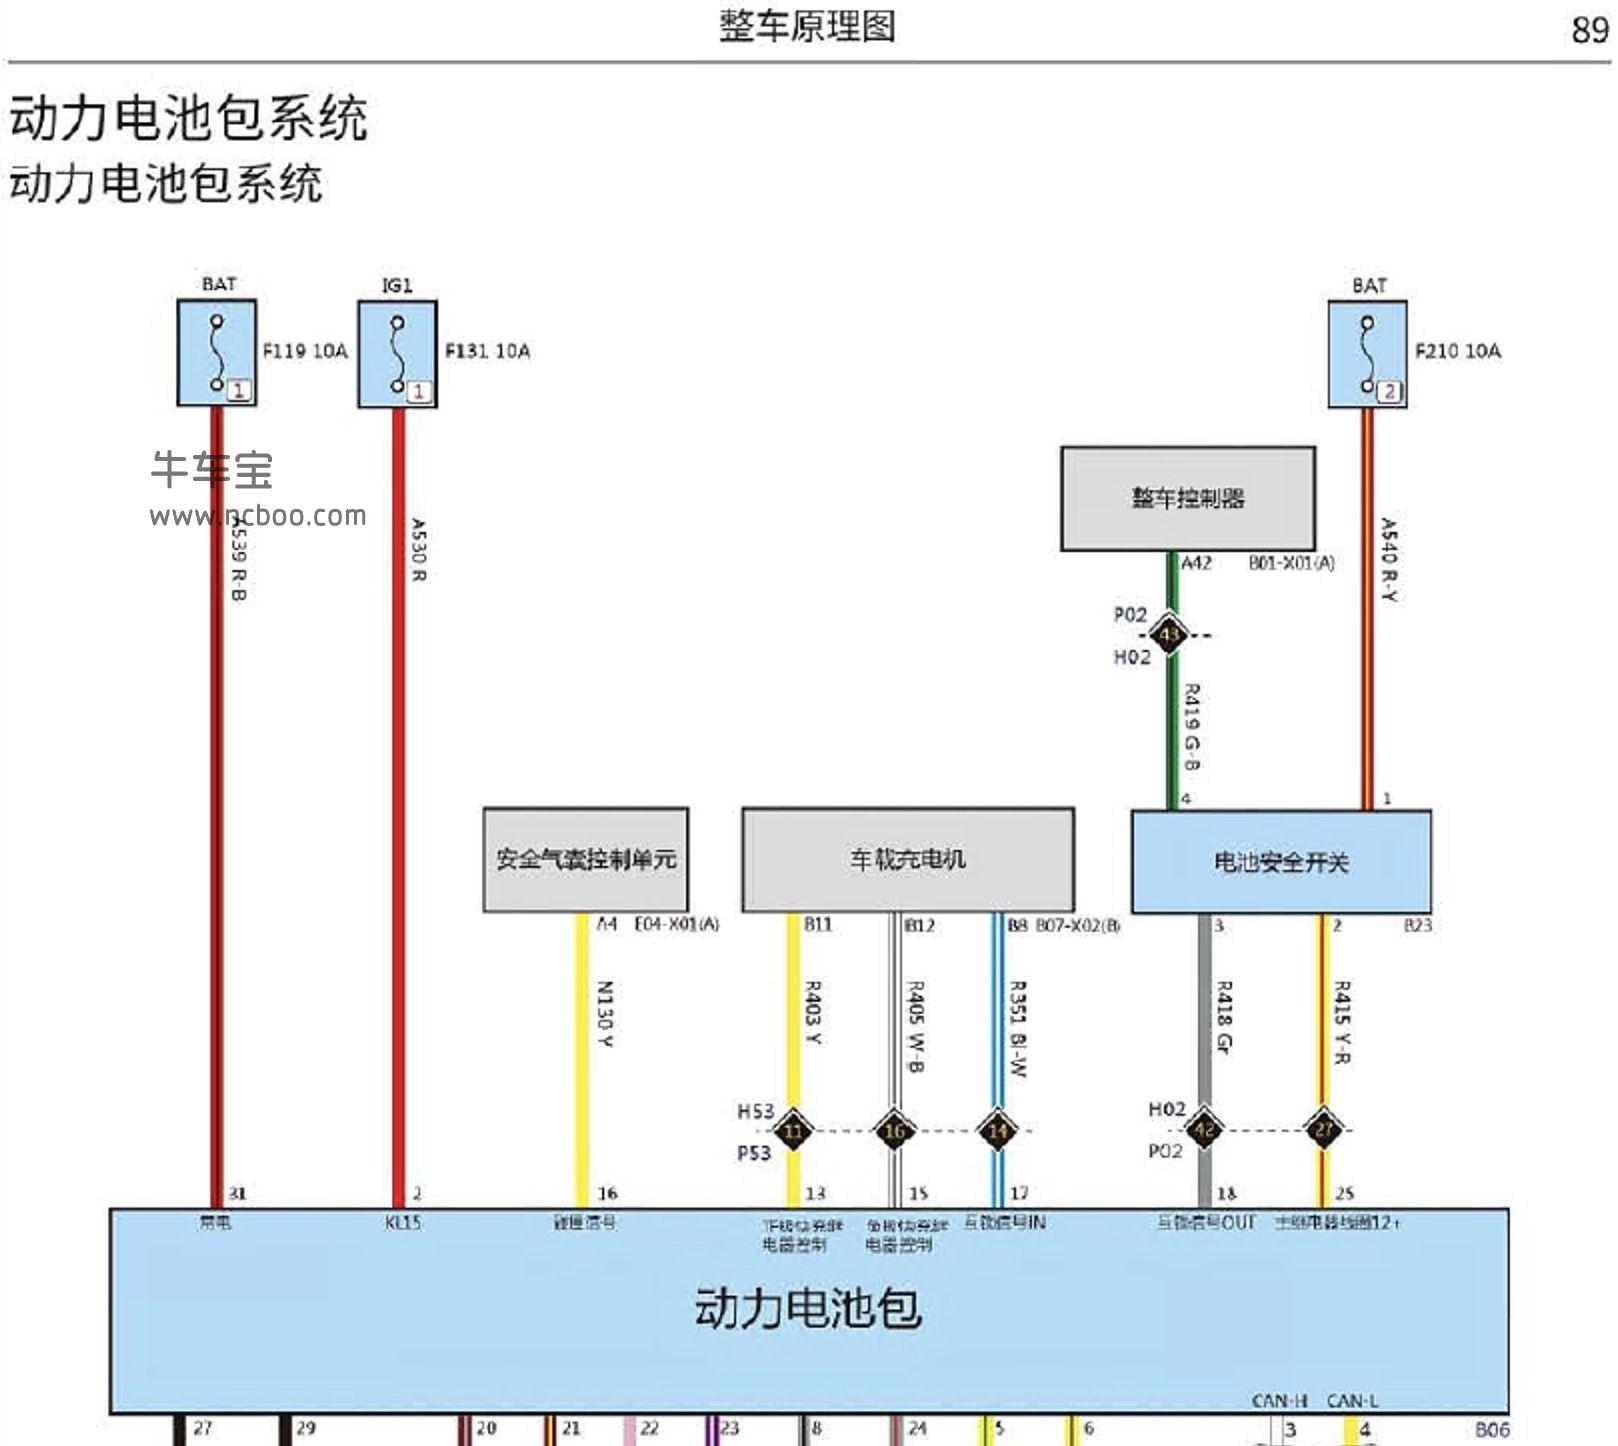 2018-2019款长城欧拉R1纯电原厂电路图资料下载